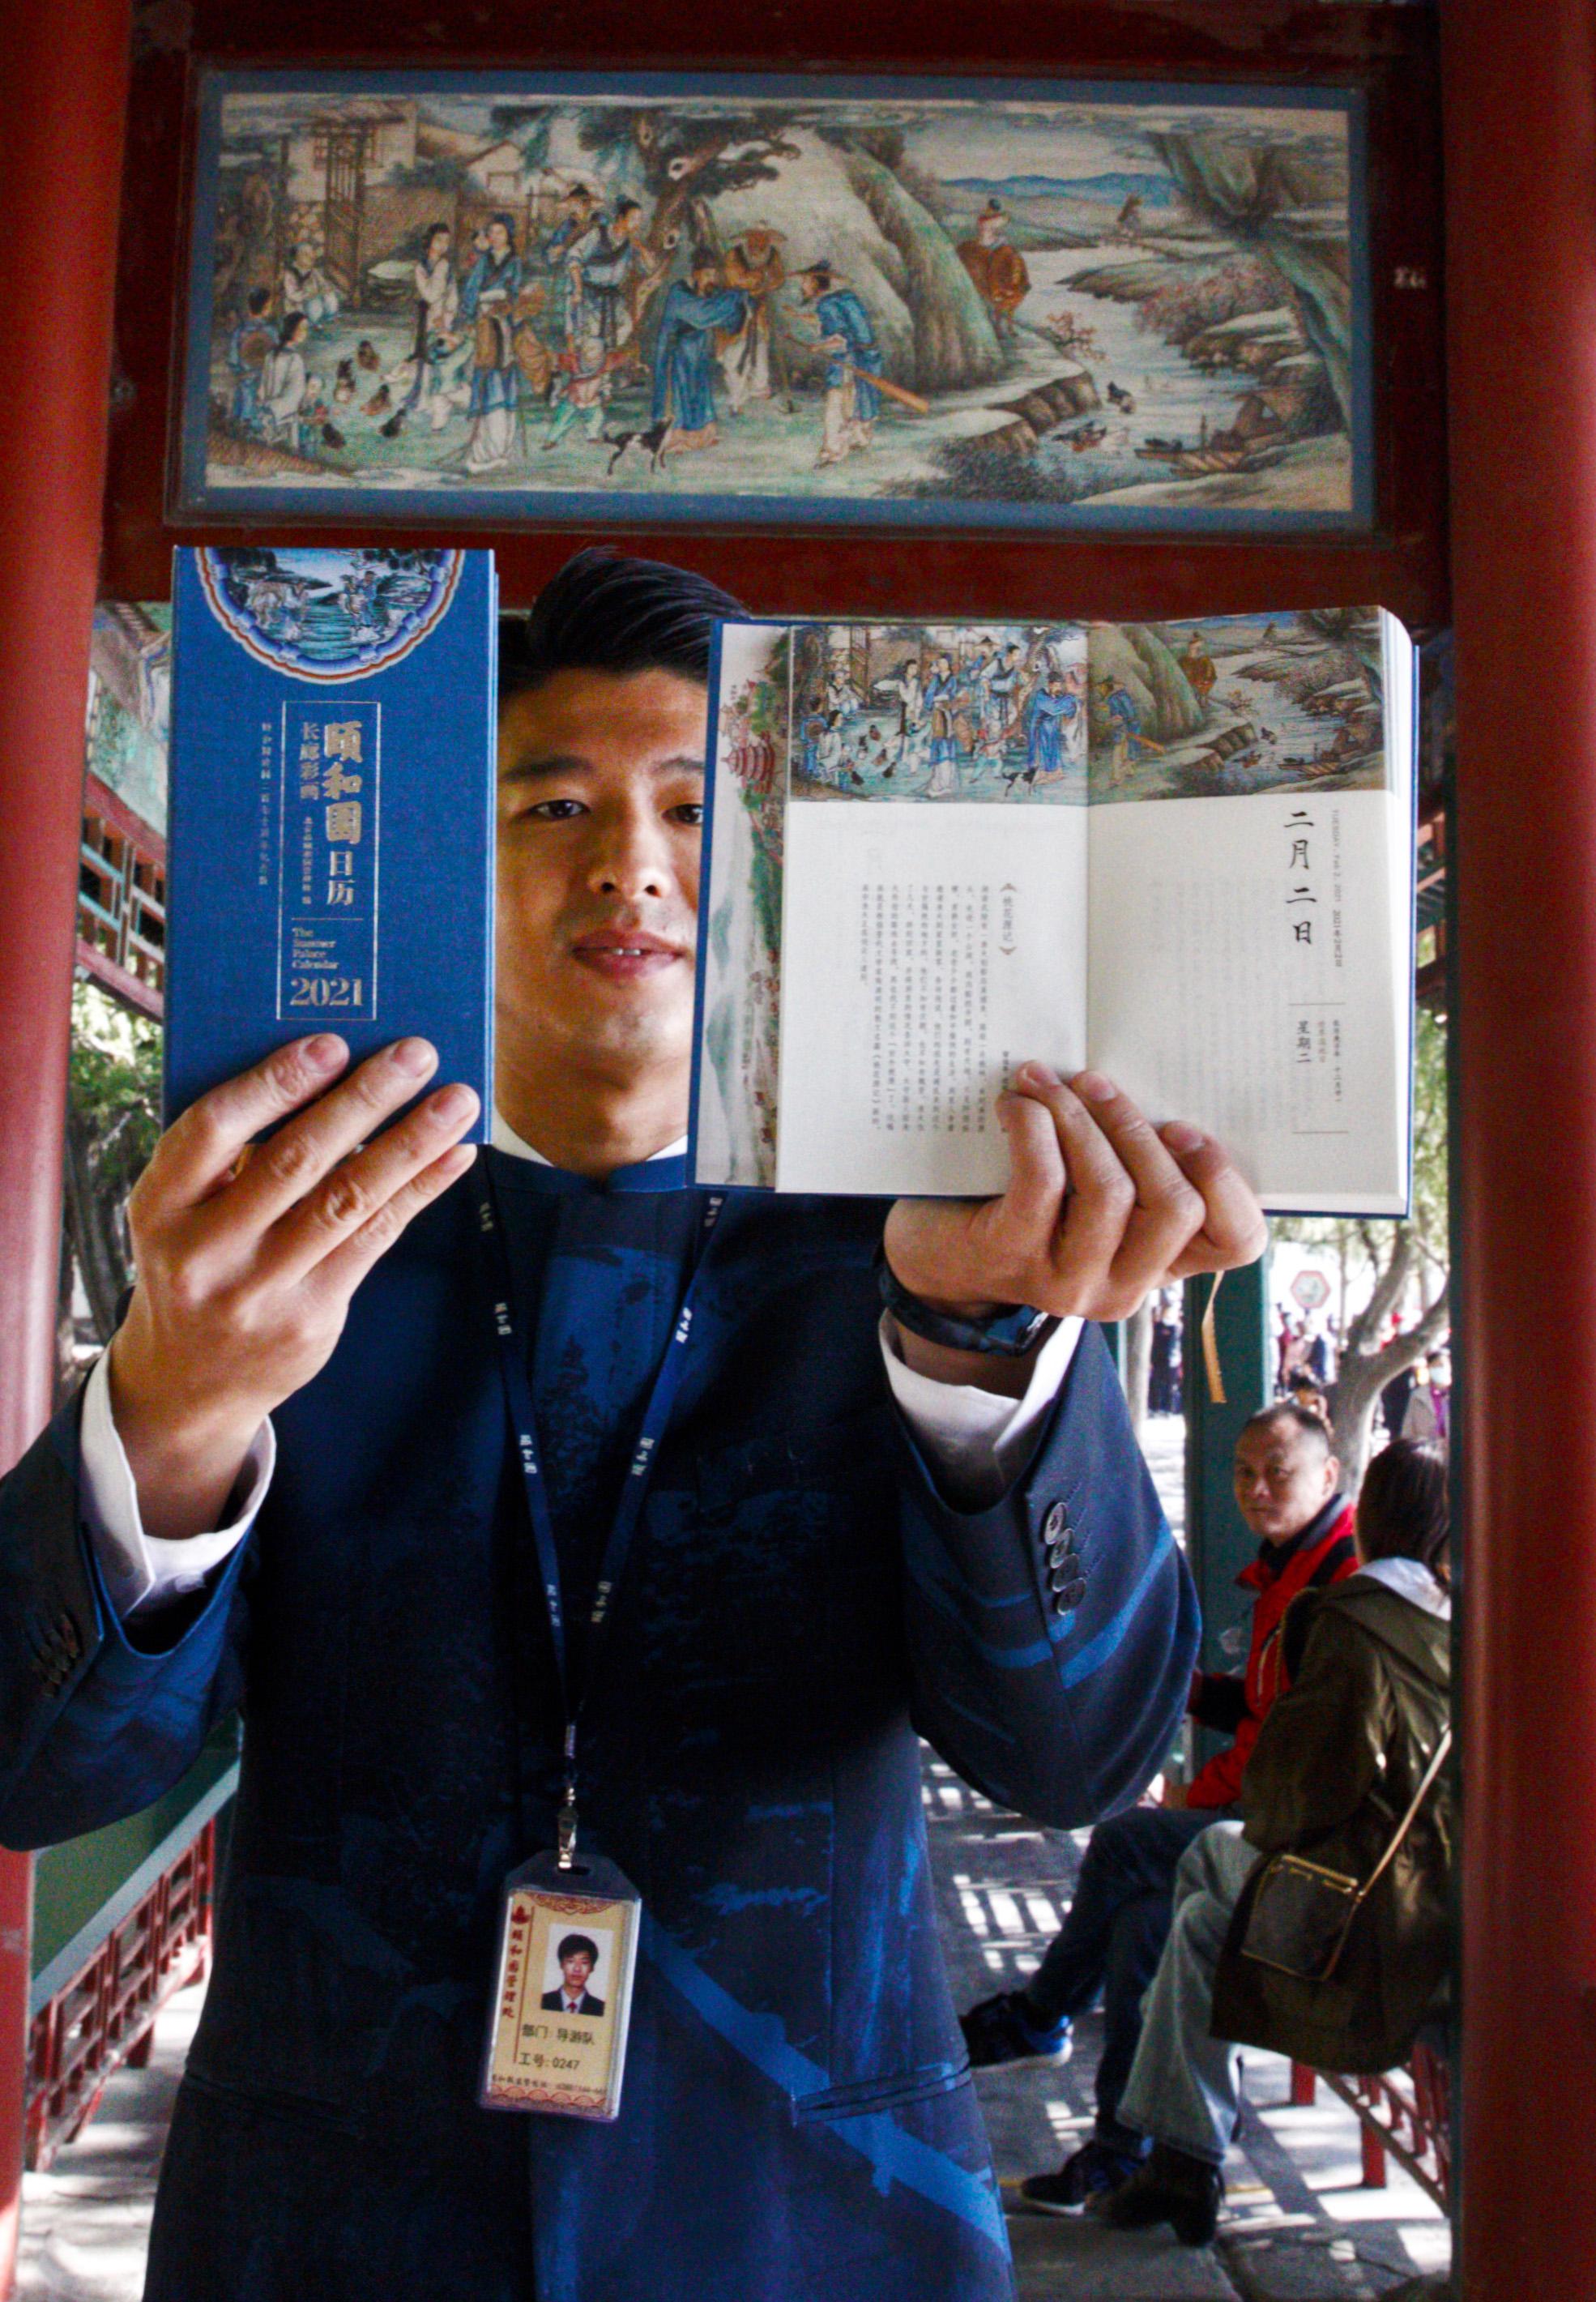 颐和园推出长廊彩画专版日历 纪念建园270周年